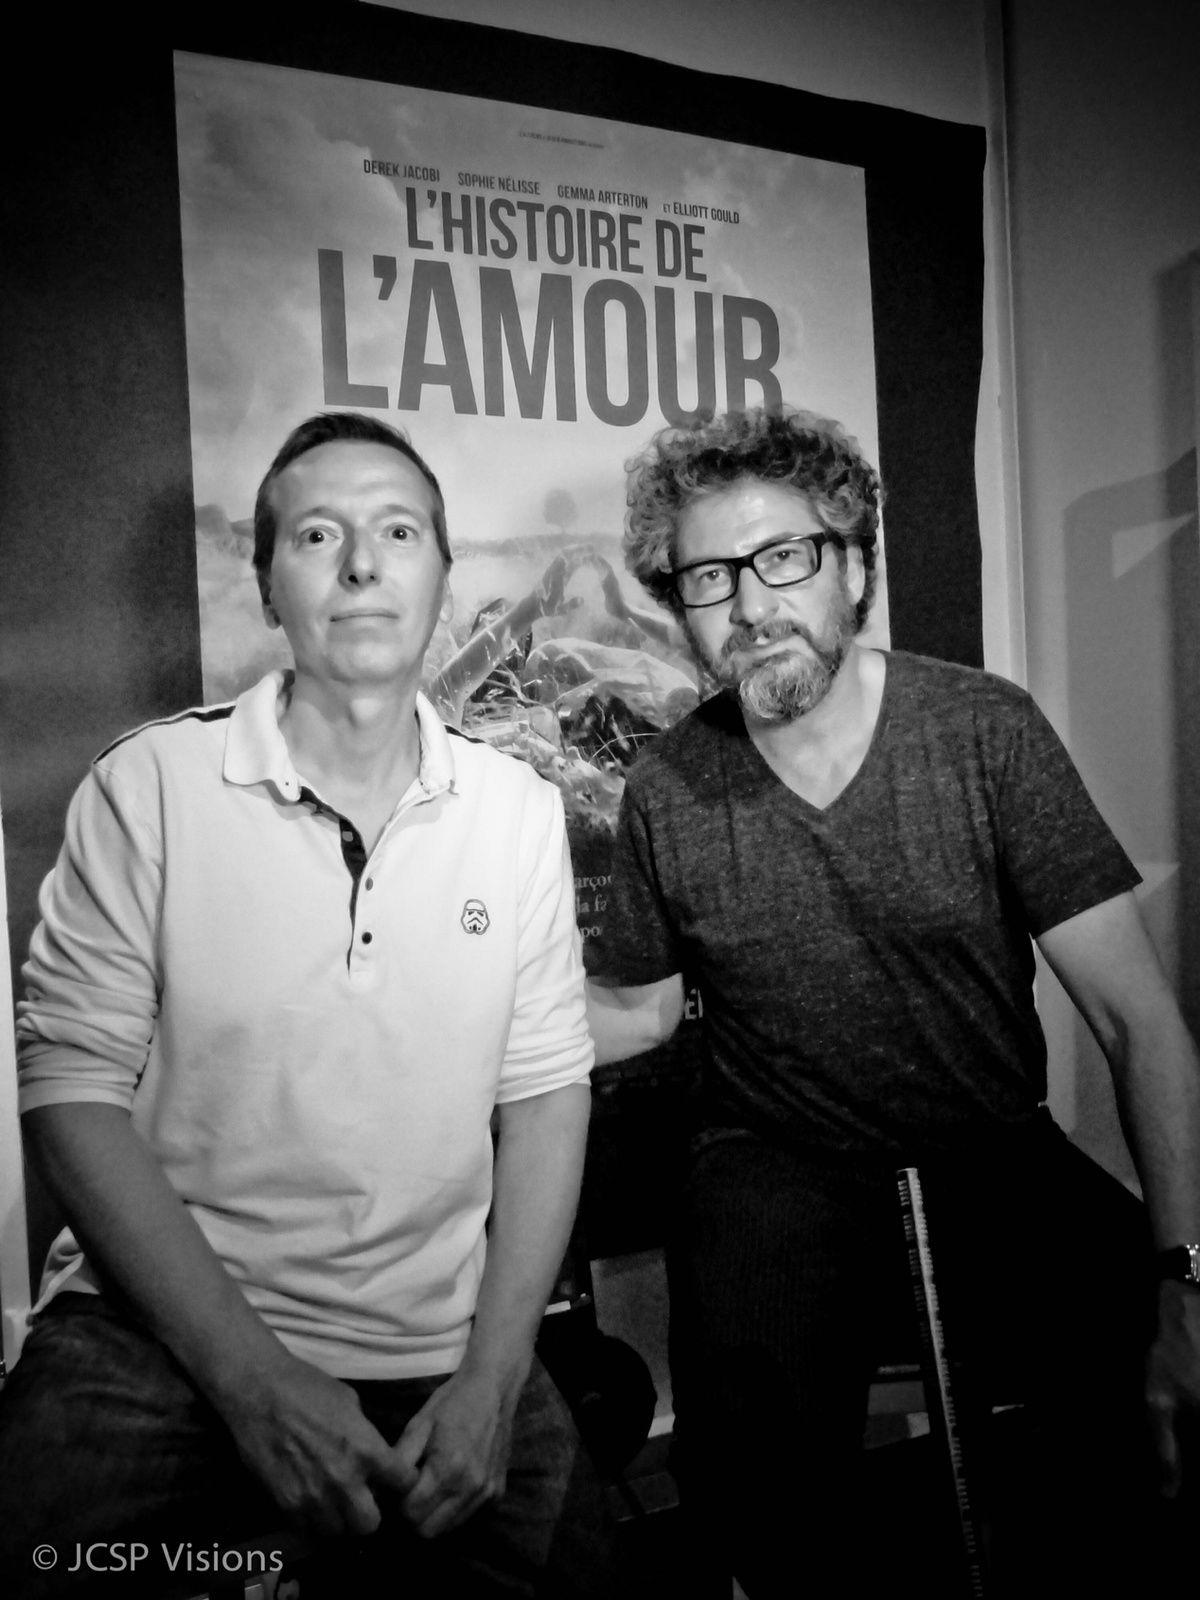 Les belles rencontres Retro 2016 Un an de Cinéma